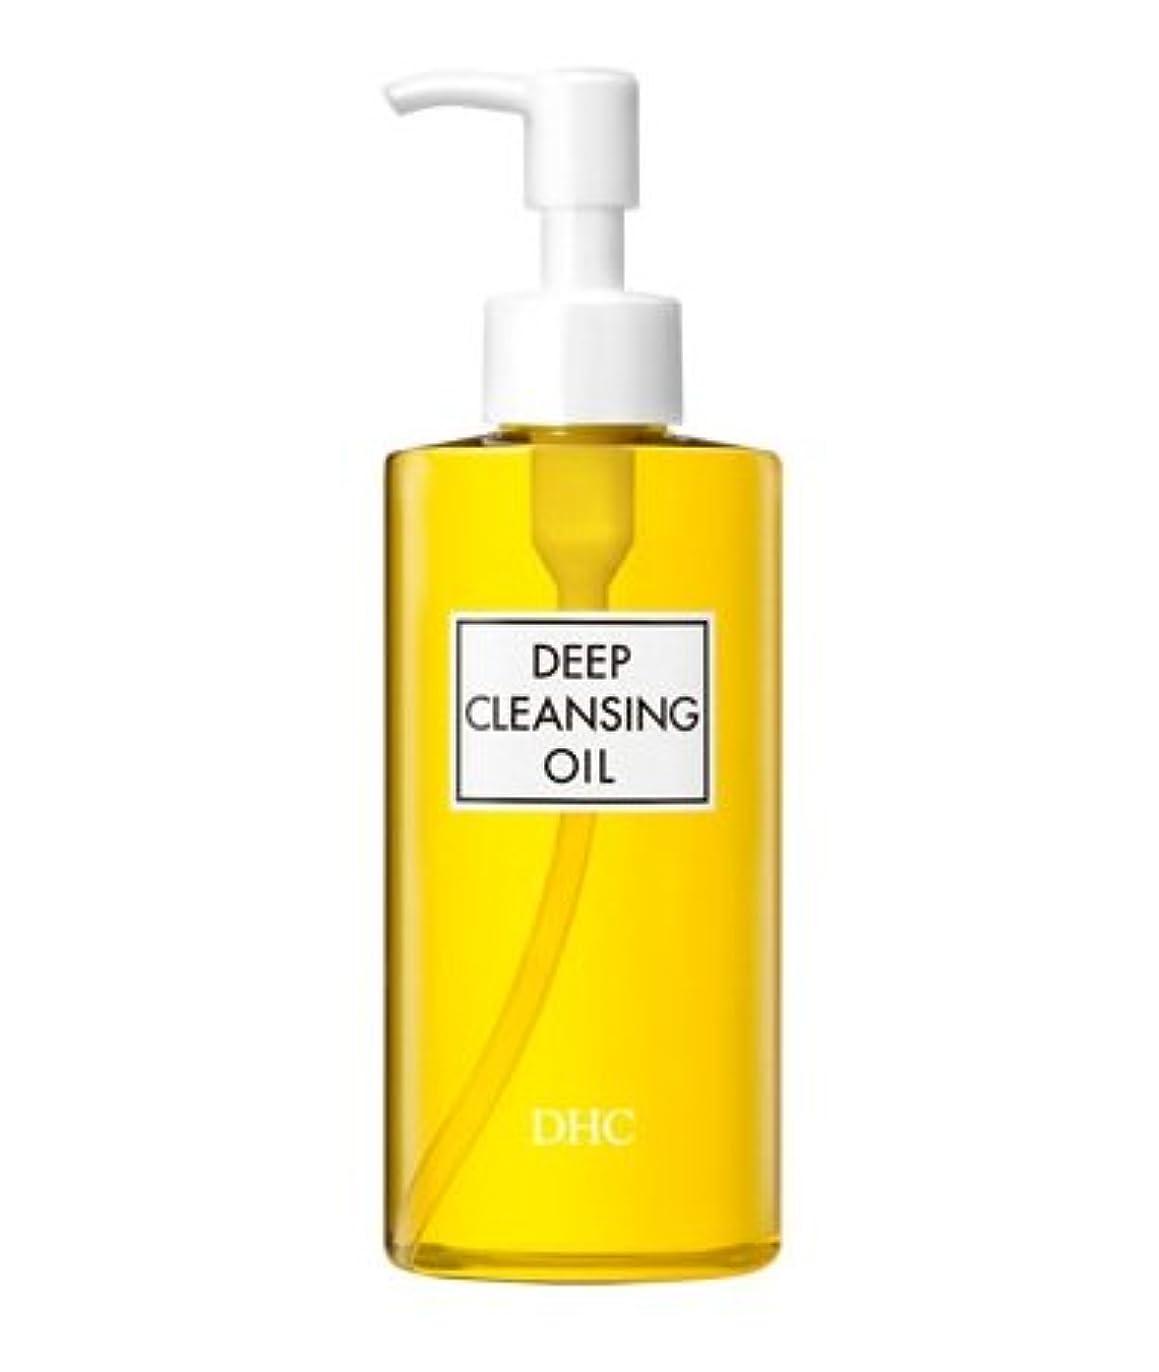 ジャニススノーケル汚染DHC薬用ディープクレンジングオイル(L) 200ML  (並行輸入品)